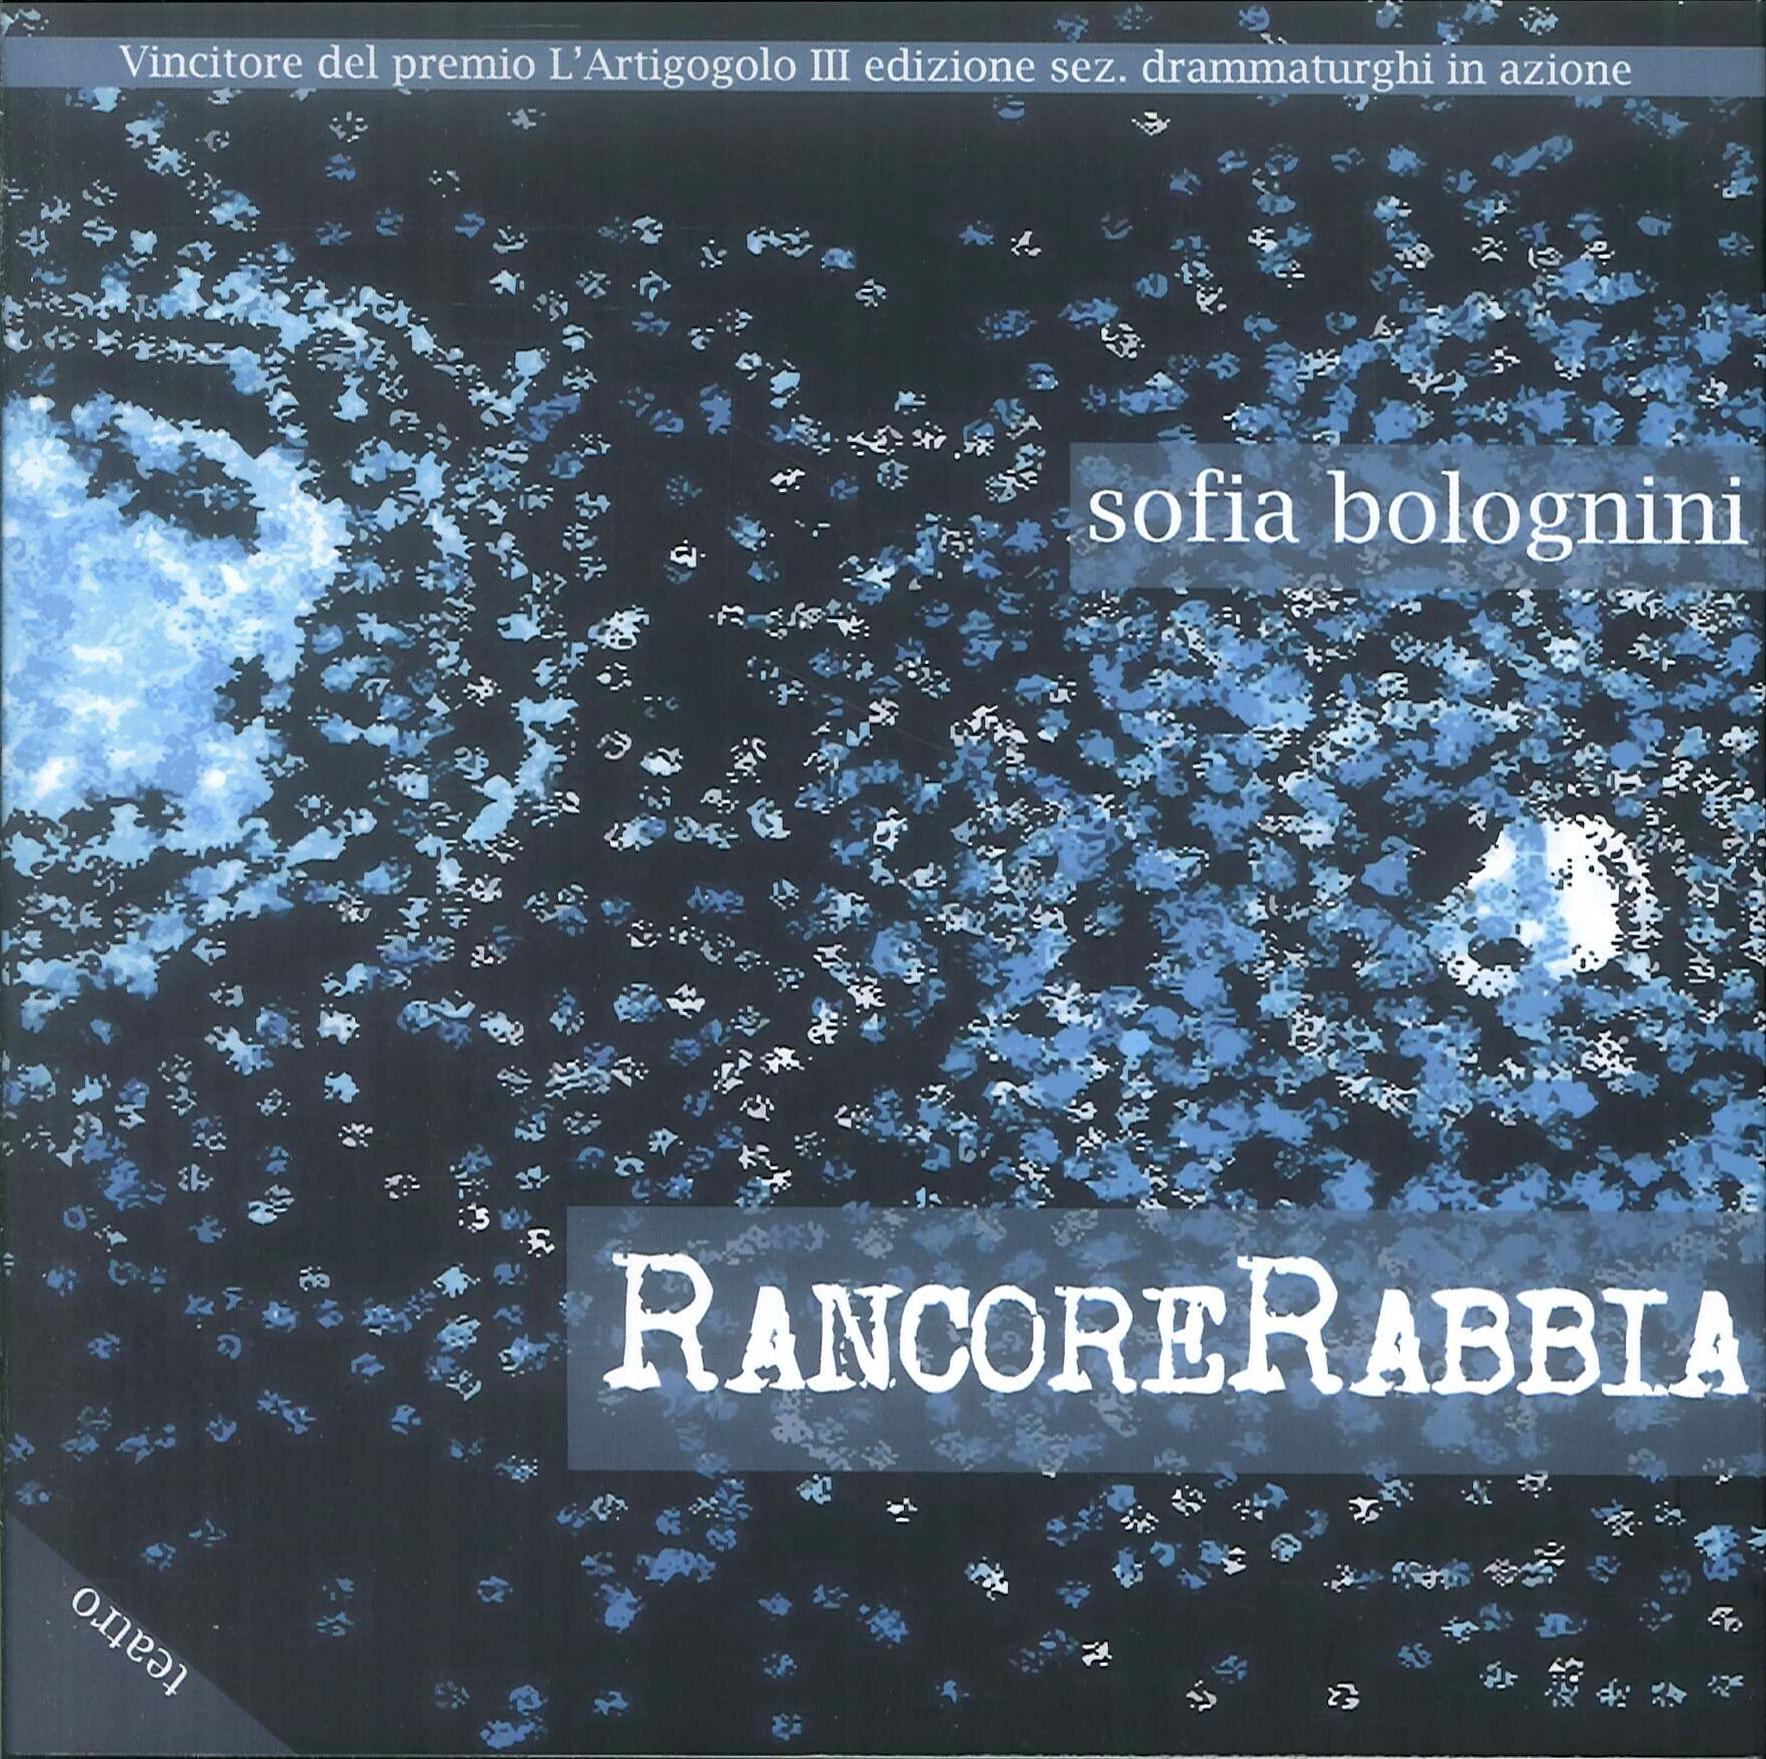 RancoreRabbia